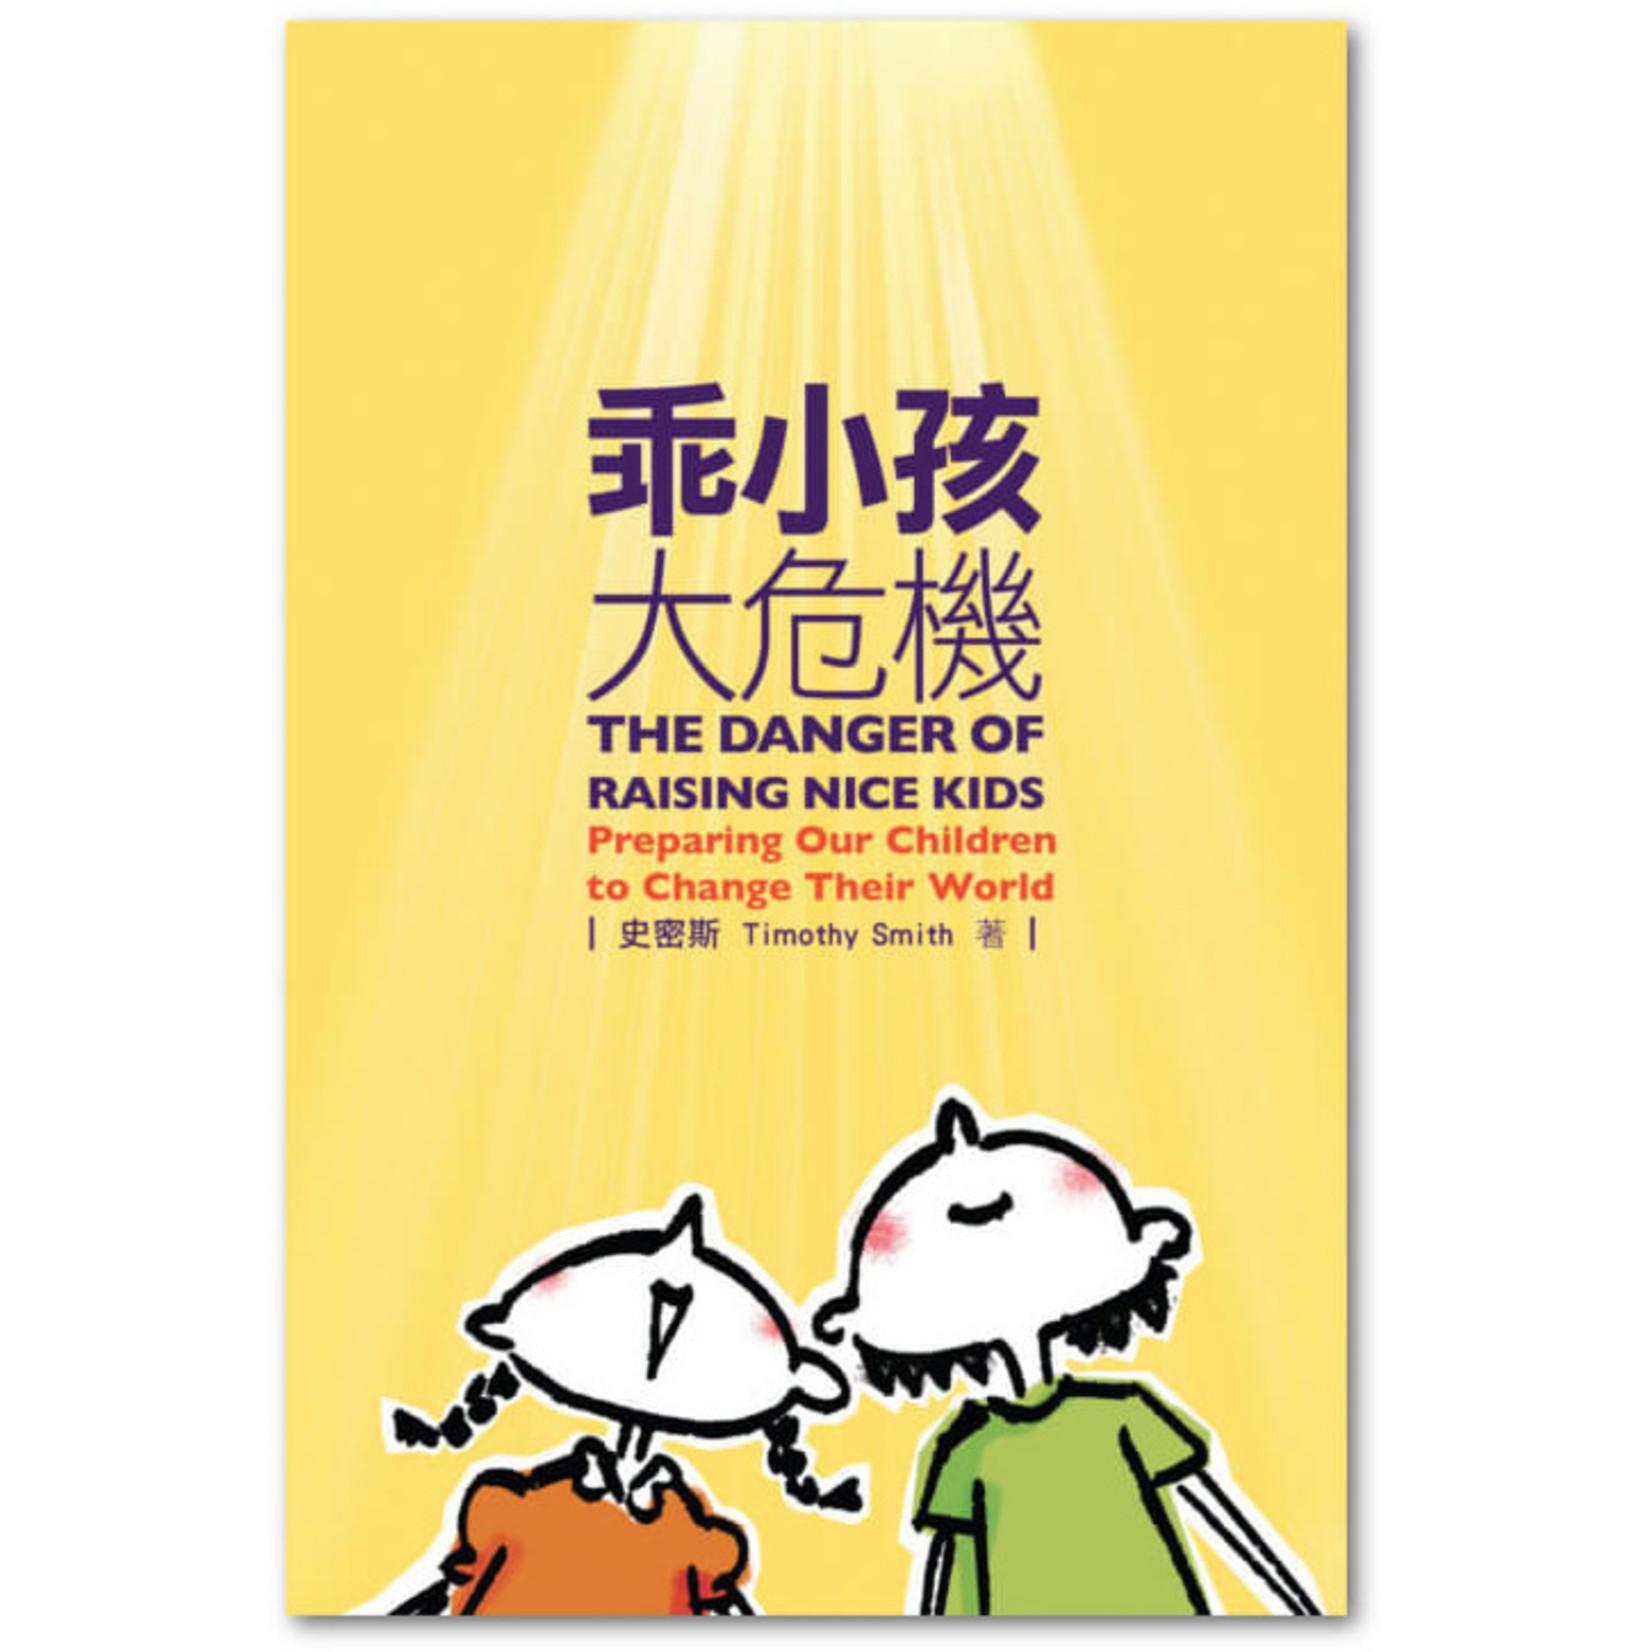 浸信會 Chinese Baptist Press 乖小孩大危機 The Danger of Raising Nice Kids